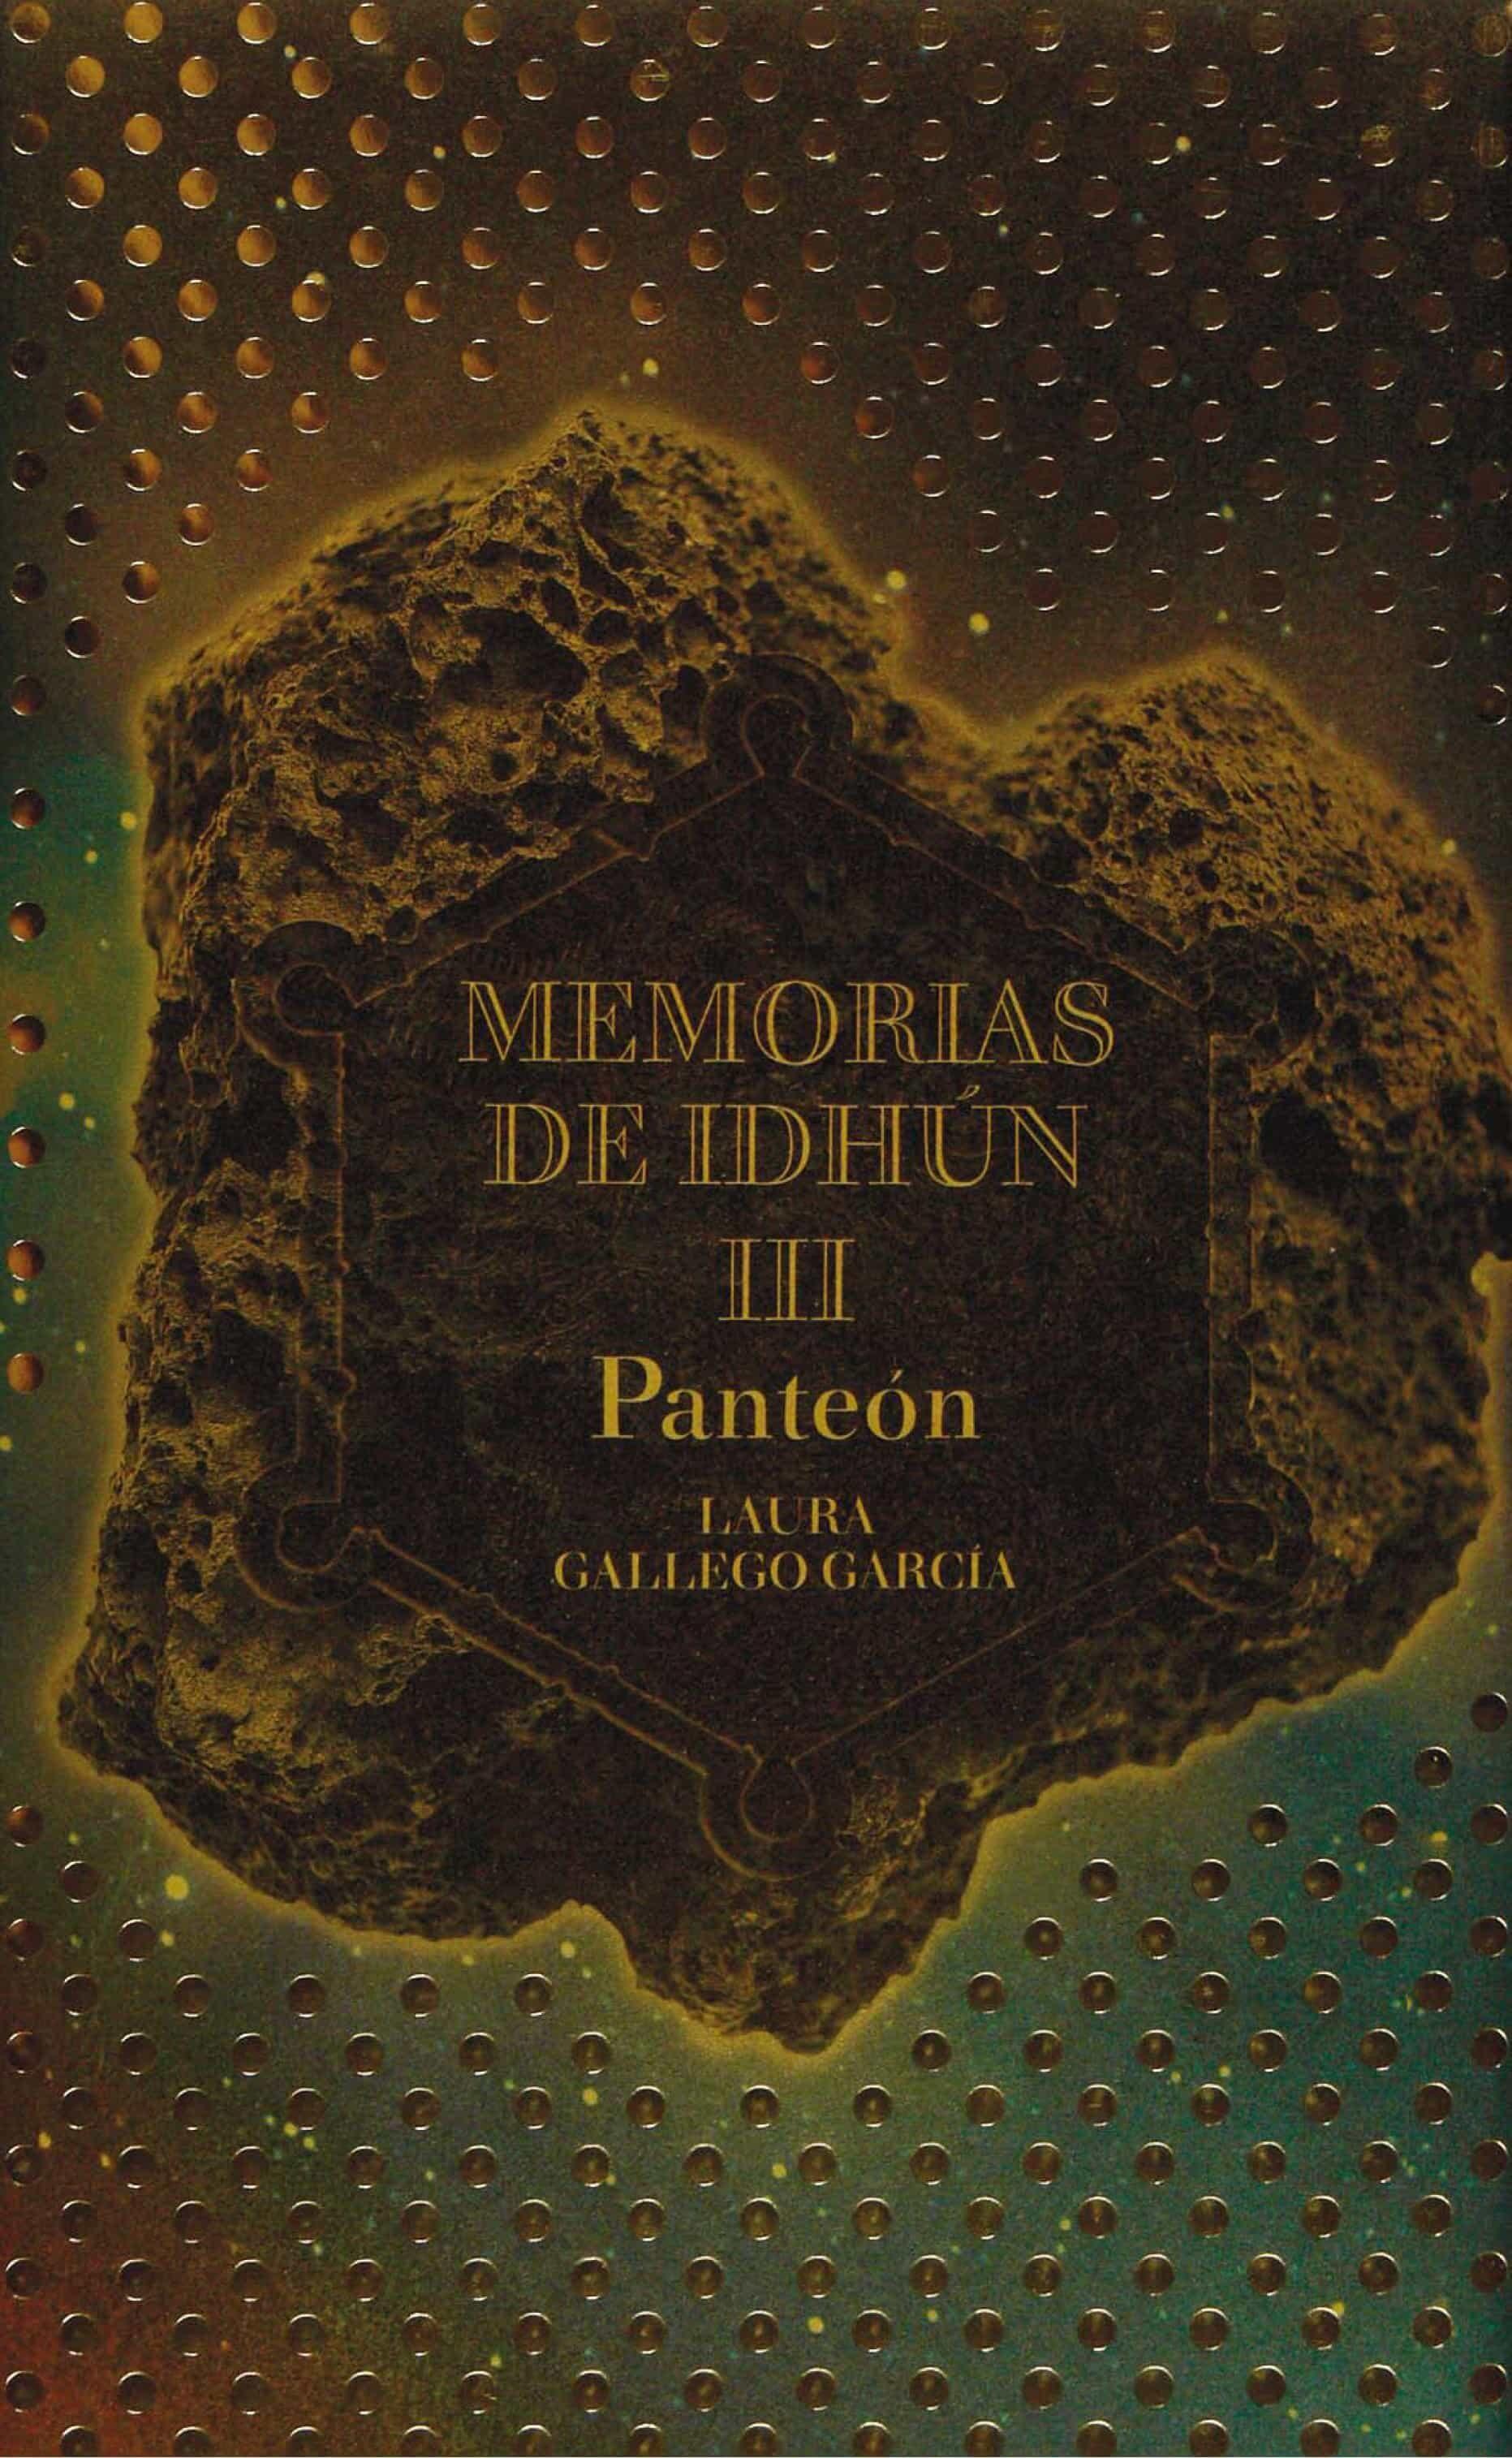 Memorias De Idhun Iii: Panteon - Gallego Garcia Laura